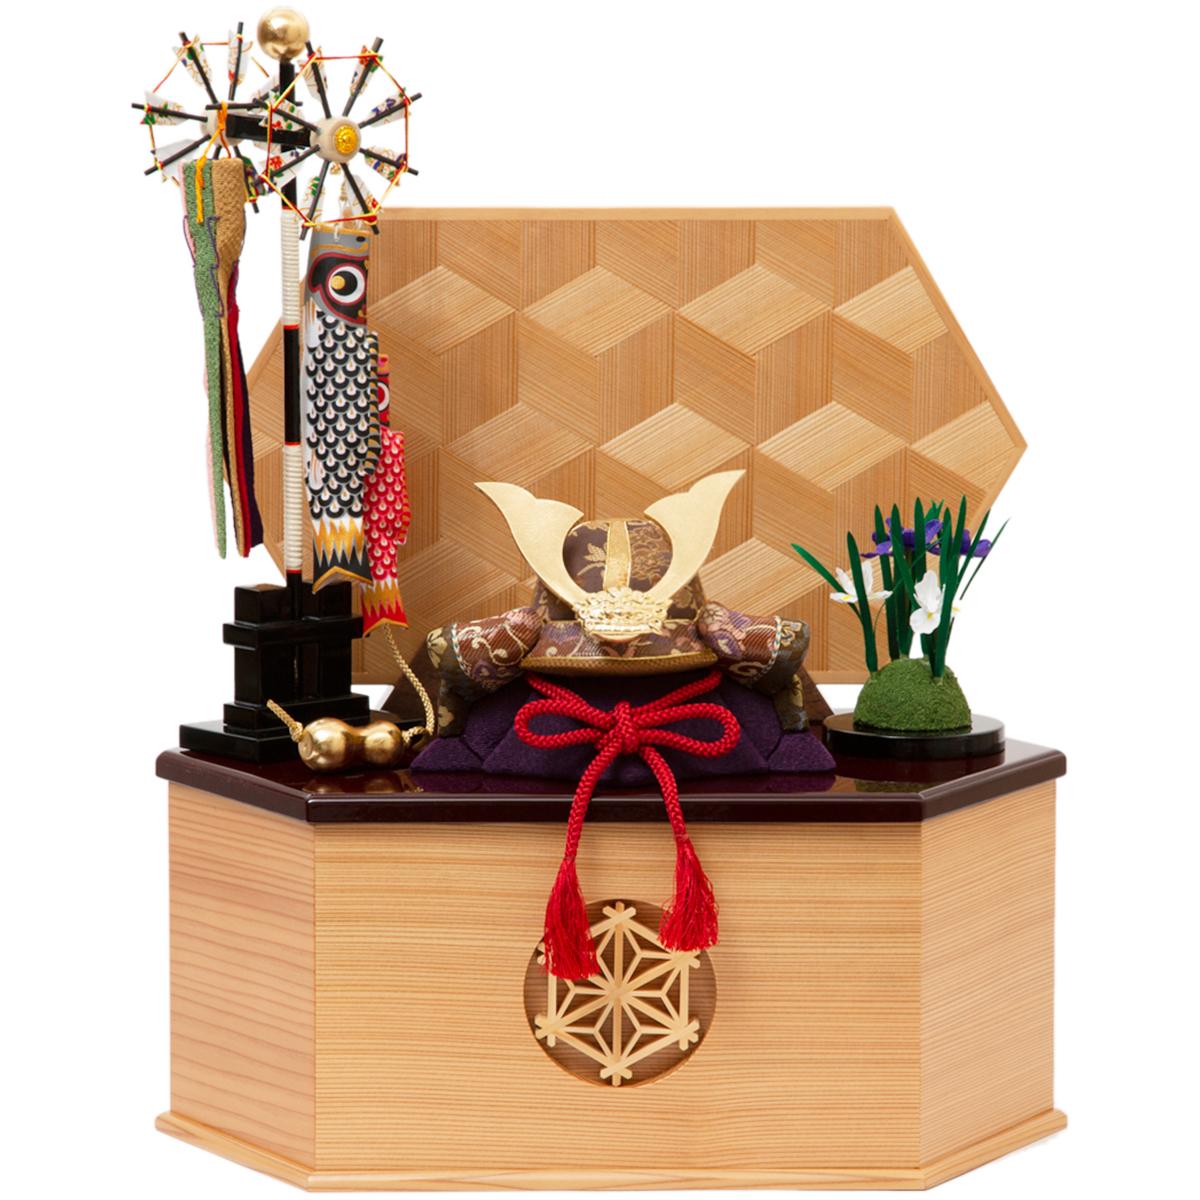 ミニチュアの脇飾りで華やかに飾りたい」なら、《六角形・大》6つの日本伝統工芸をコンパクトにした、木目込の「プレミアム兜飾り」| 宝輝 | 柿沼人形